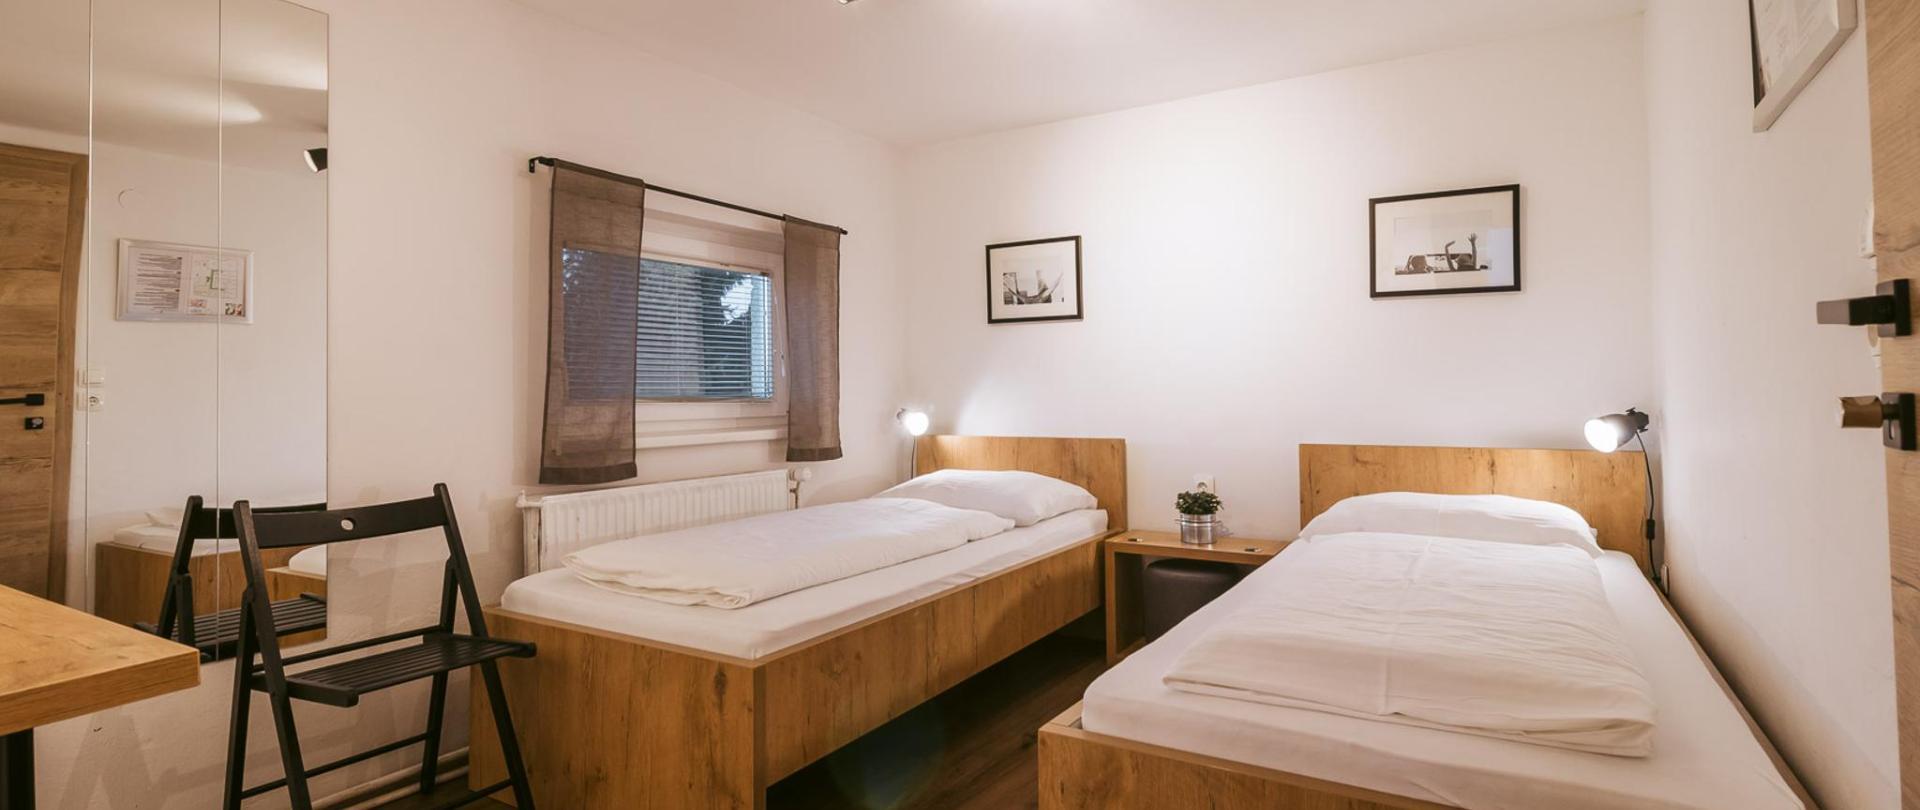 Guesthouse Budja-OBJEKT-male-77.jpg